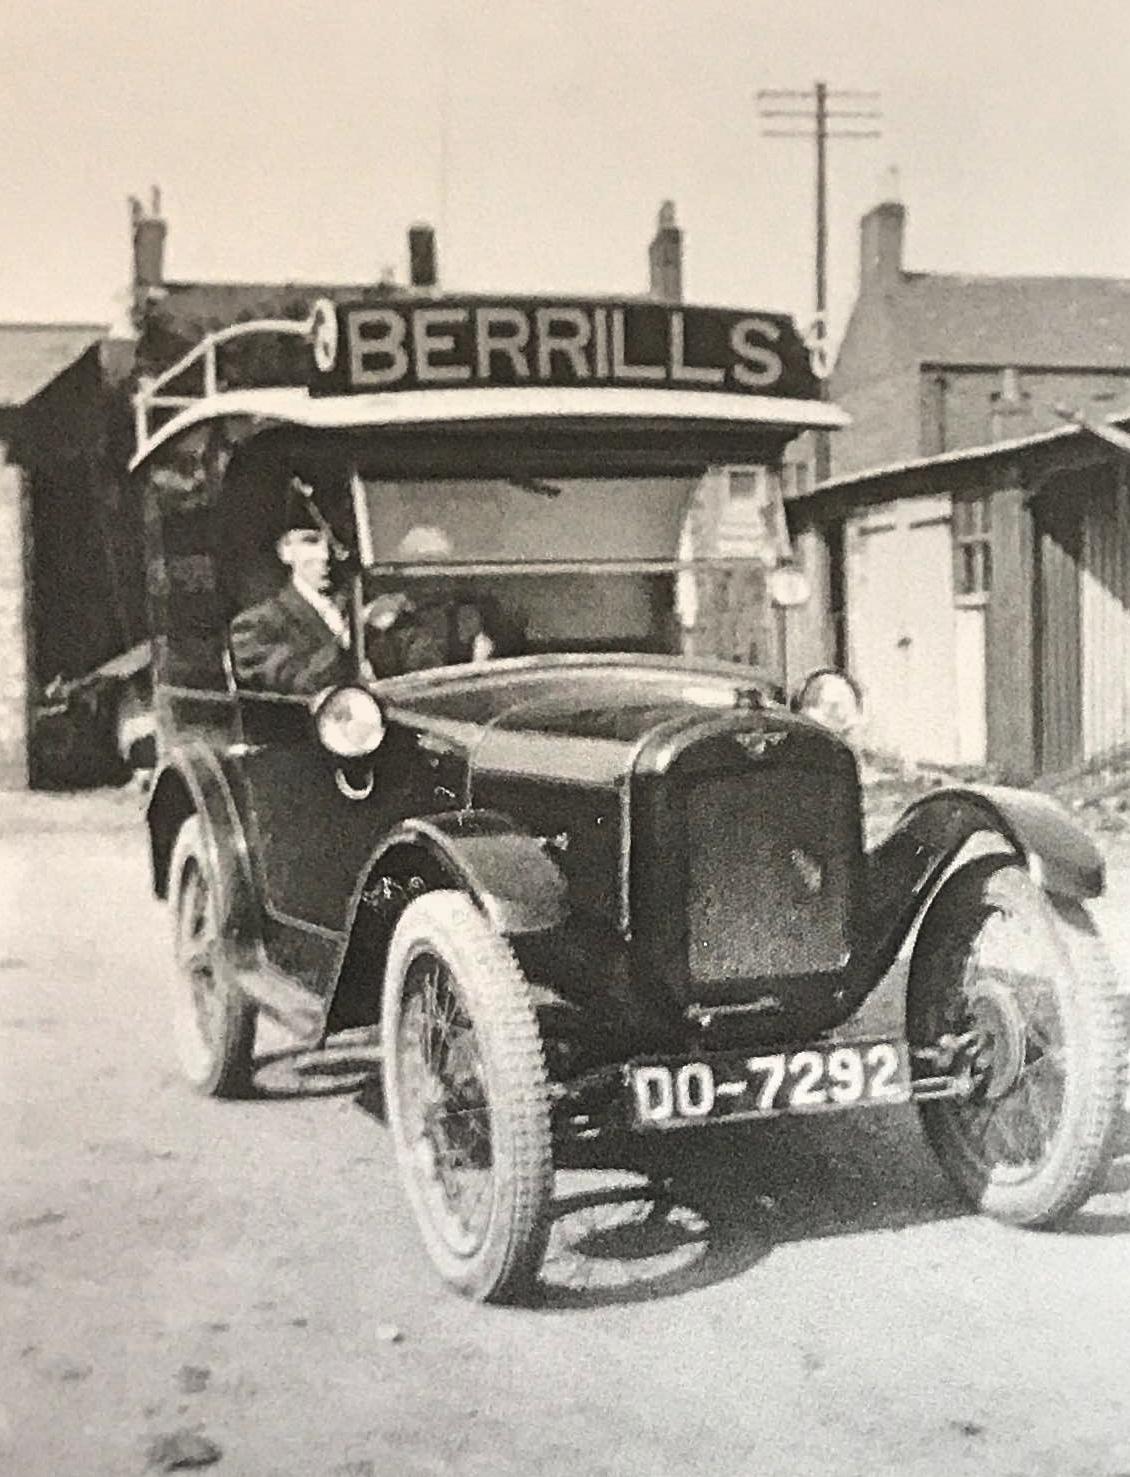 Berrills Delivery Van